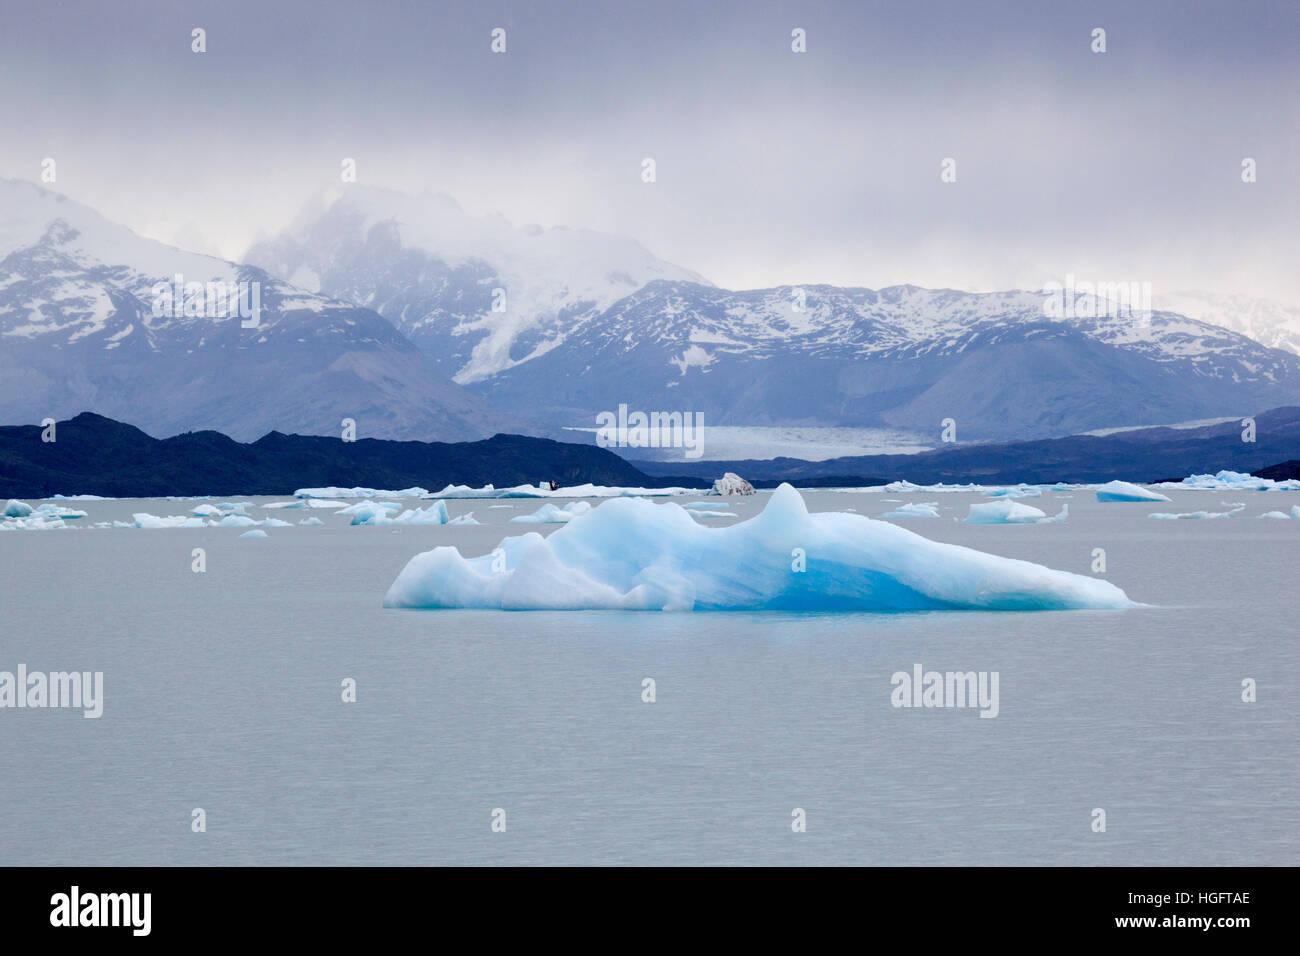 Los icebergs en el Lago Argentino, El Calafate, Parque Nacional Los Glaciares, Patagonia Argentina, Sudamérica Imagen De Stock